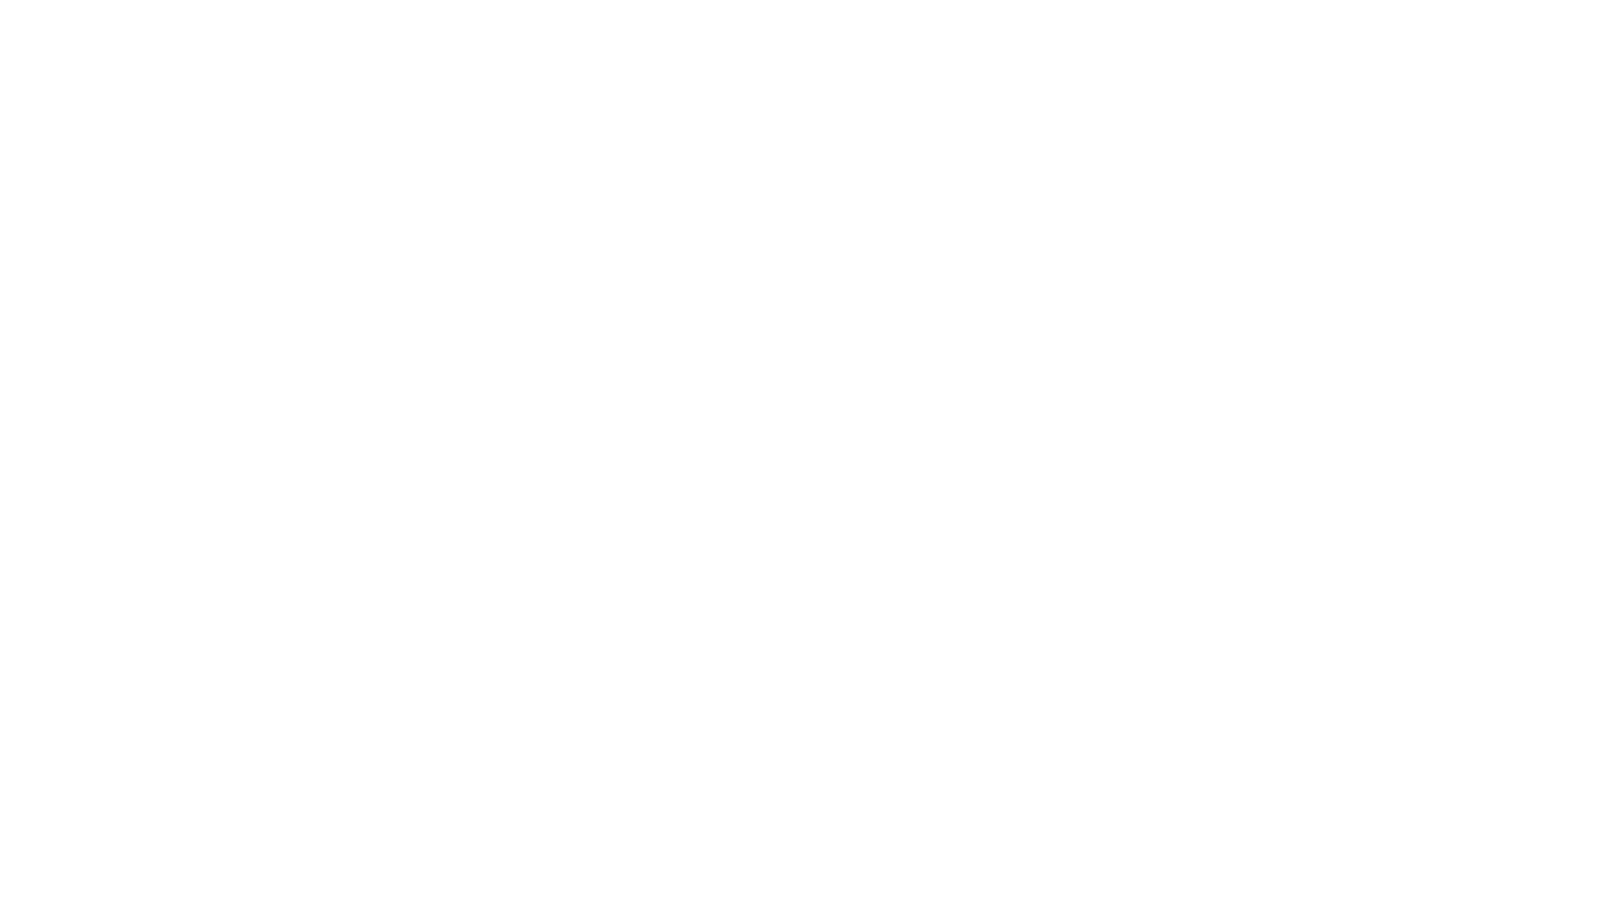 """Ana-Maria Negrilă prezintă cel mai recent roman al ei, """"Cele patru oglinzi ale adevărului"""". O aventură care te ține cu sufletul la gură, într-o carte a devenirii și a înțelegerii timpului și mai ales a libertății oamenilor.  Precomandă cartea de pe Cărturești.ro, cu autograf: https://carturesti.ro/carte/cele-patru-oglinzi-ale-adevarului-1255594162  Mai multe detalii pe site-ul nostru: https://hyperliteratura.ro/precomanda-cele-patru-oglinzi-ale-adevarului/"""